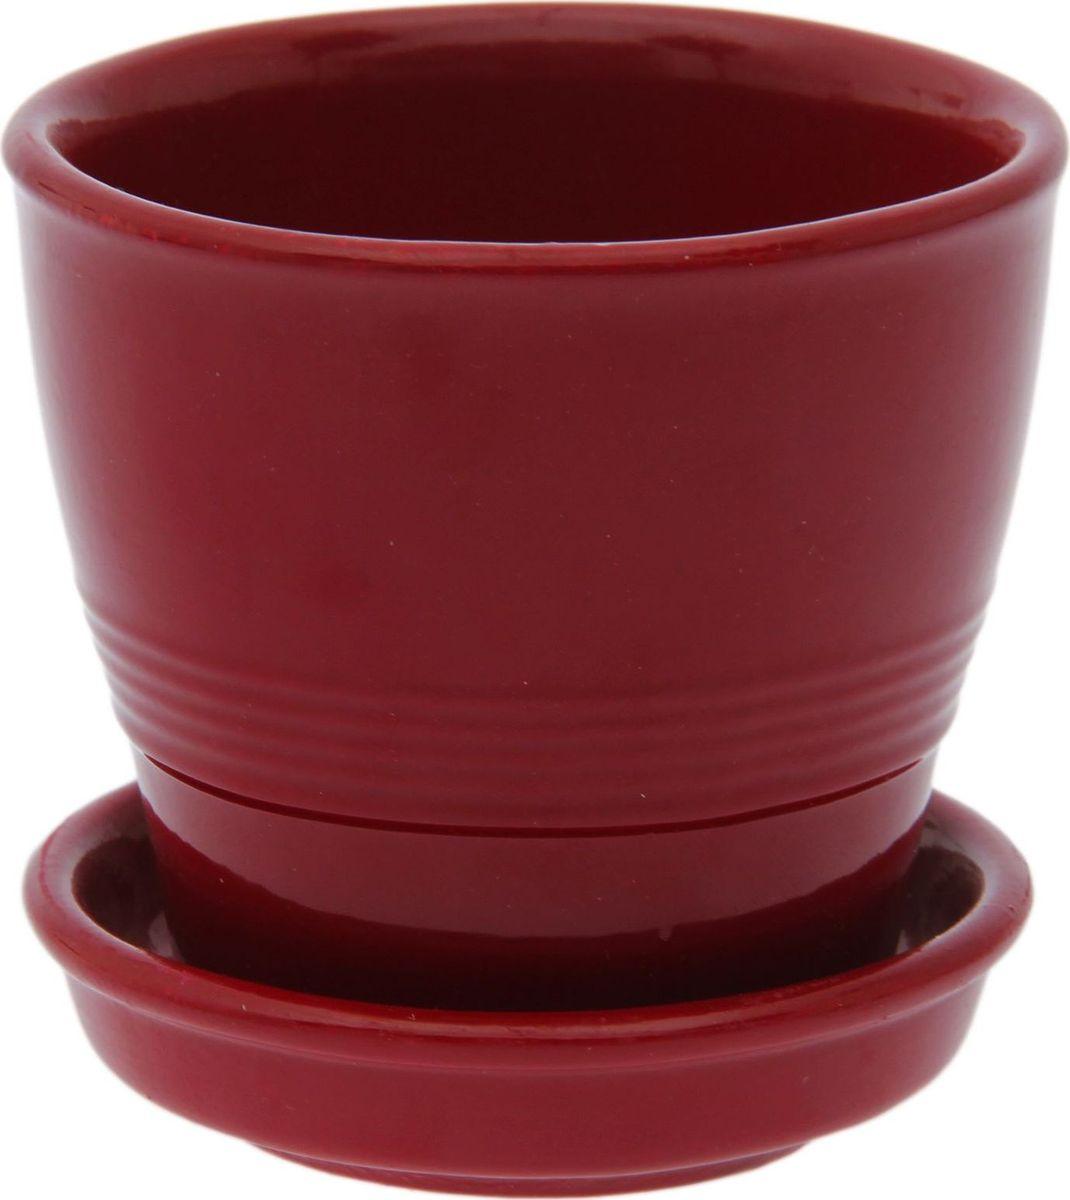 Кашпо Керамика ручной работы Ведро, цвет: бордовый, 0,23 л1498148Комнатные растения — всеобщие любимцы. Они радуют глаз, насыщают помещение кислородом и украшают пространство. Каждому из них необходим свой удобный и красивый дом. Кашпо из керамики прекрасно подходят для высадки растений: за счет пластичности глины и разных способов обработки существует великое множество форм и дизайнов пористый материал позволяет испаряться лишней влаге воздух, необходимый для дыхания корней, проникает сквозь керамические стенки! позаботится о зеленом питомце, освежит интерьер и подчеркнет его стиль.